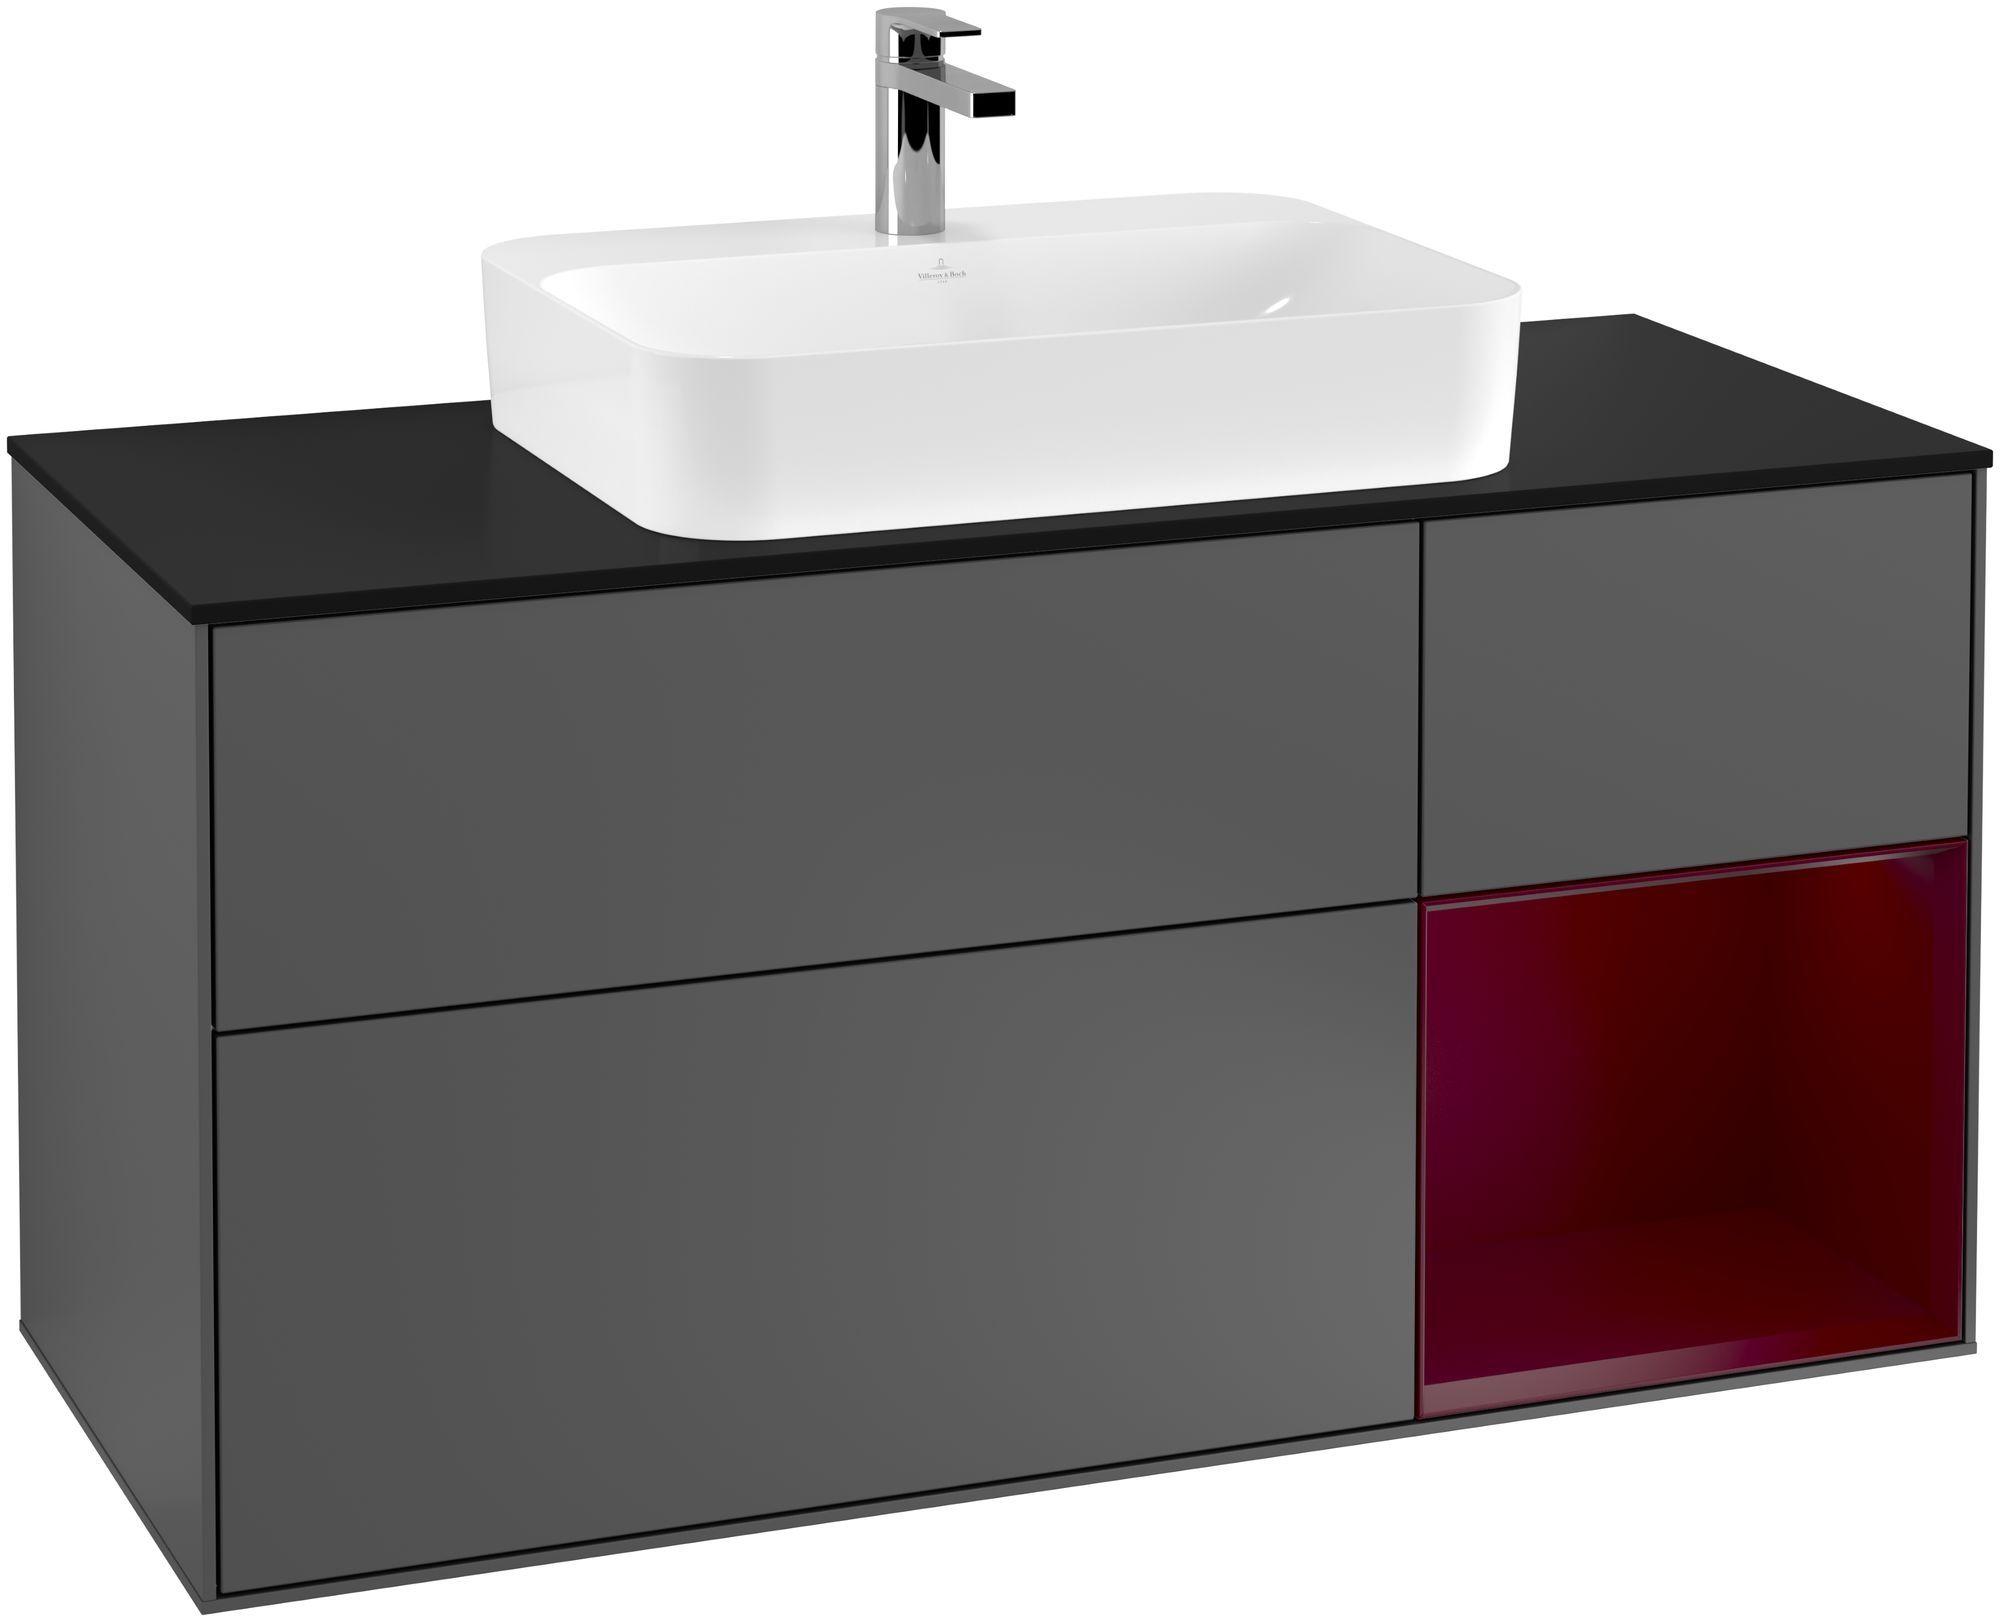 Villeroy & Boch Finion F42 Waschtischunterschrank mit Regalelement 3 Auszüge Waschtisch mittig LED-Beleuchtung B:120xH:60,3xT:50,1cm Front, Korpus: Anthracite Matt, Regal: Peony, Glasplatte: Black Matt F422HBGK